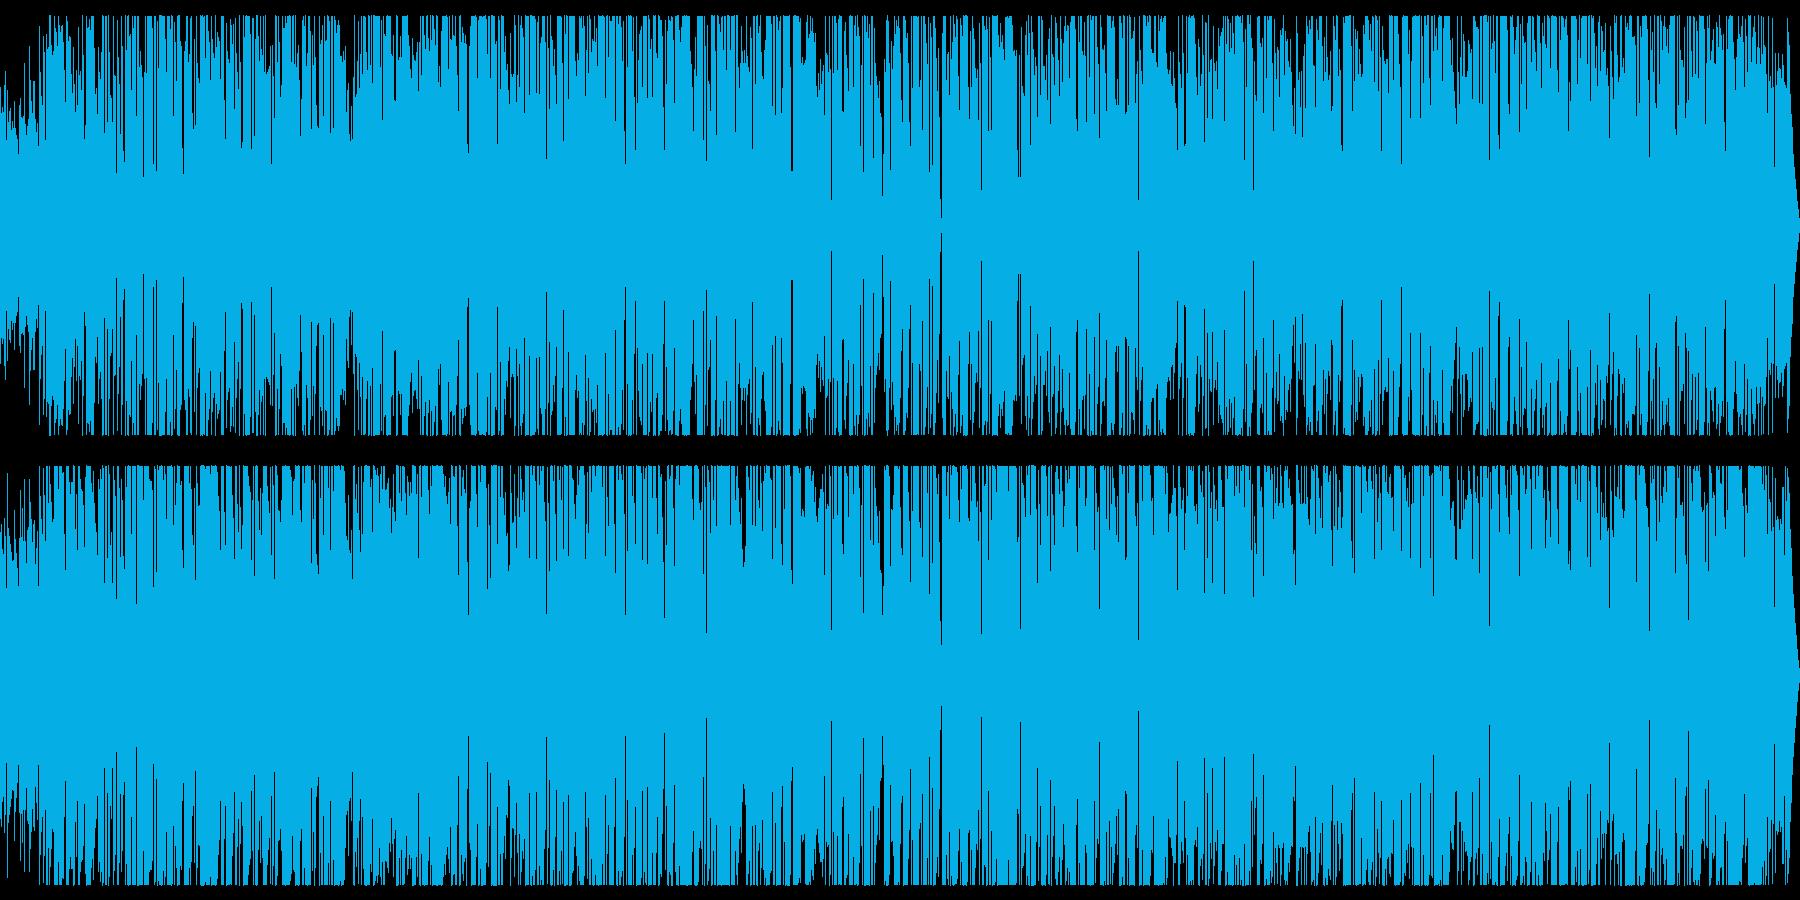 ロックオルガンの優しいバラードジャズの再生済みの波形